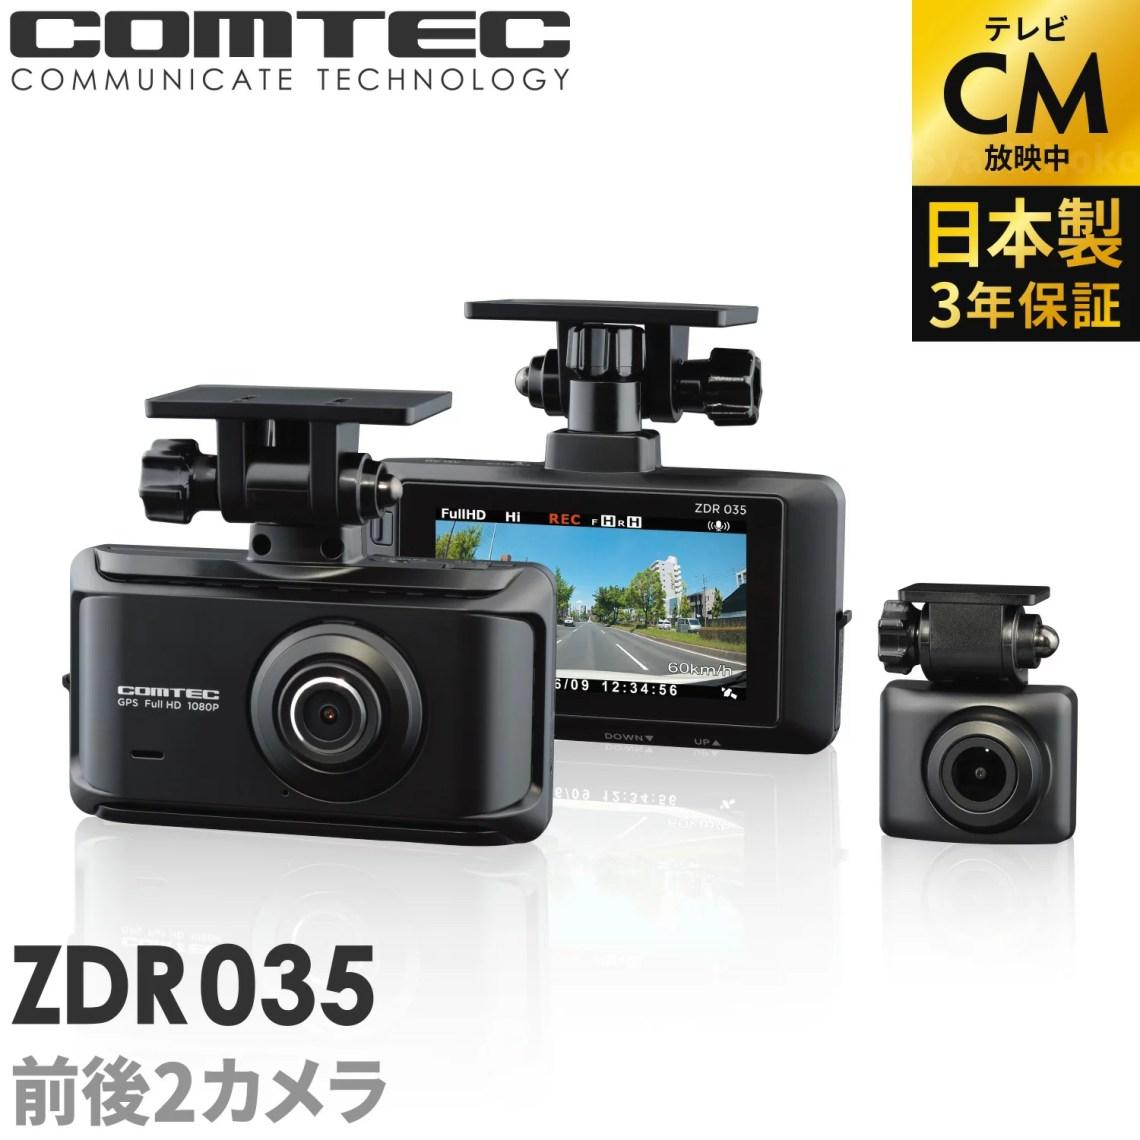 【新商品】ドライブレコーダー 前後2カメラ コムテック ZDR035 日本製 3年保証 ノイズ対策済